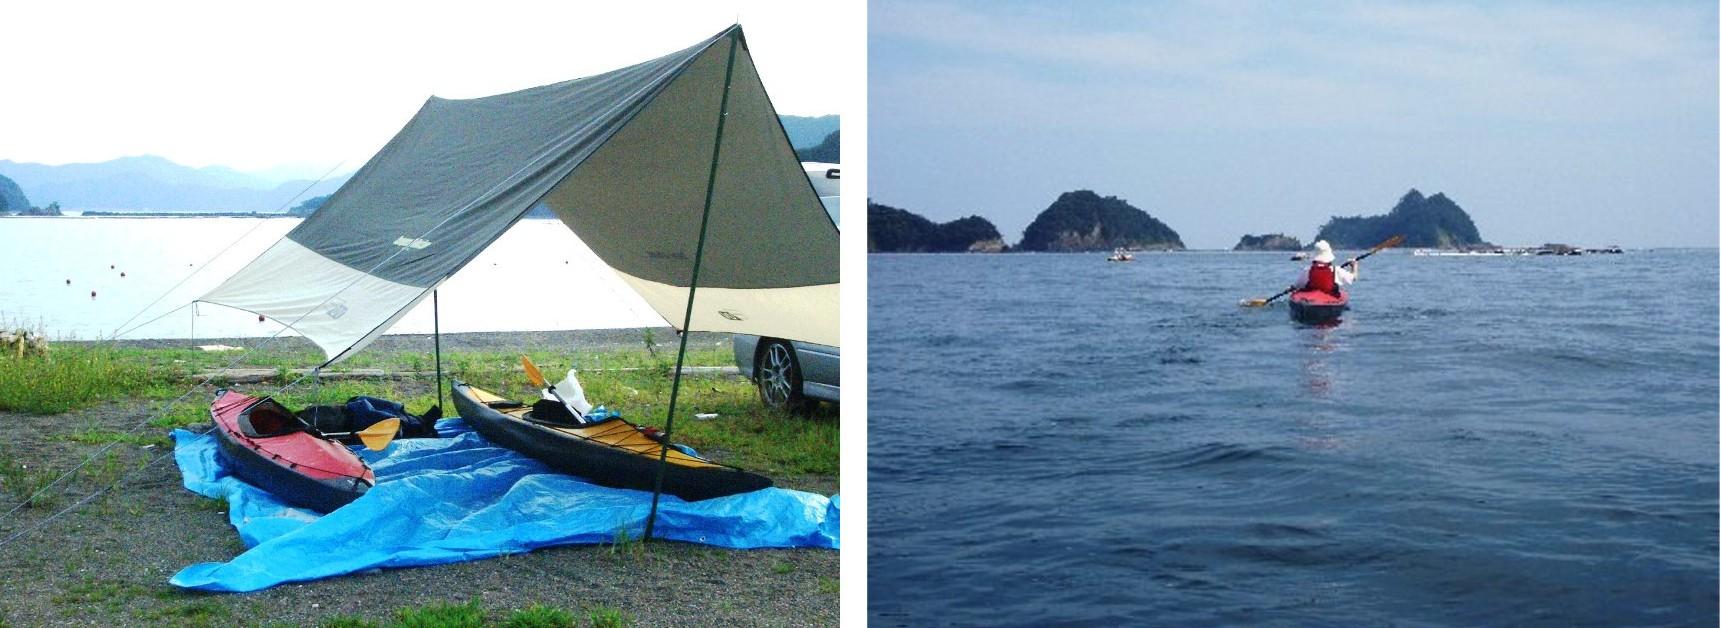 紀伊長島 赤野島1